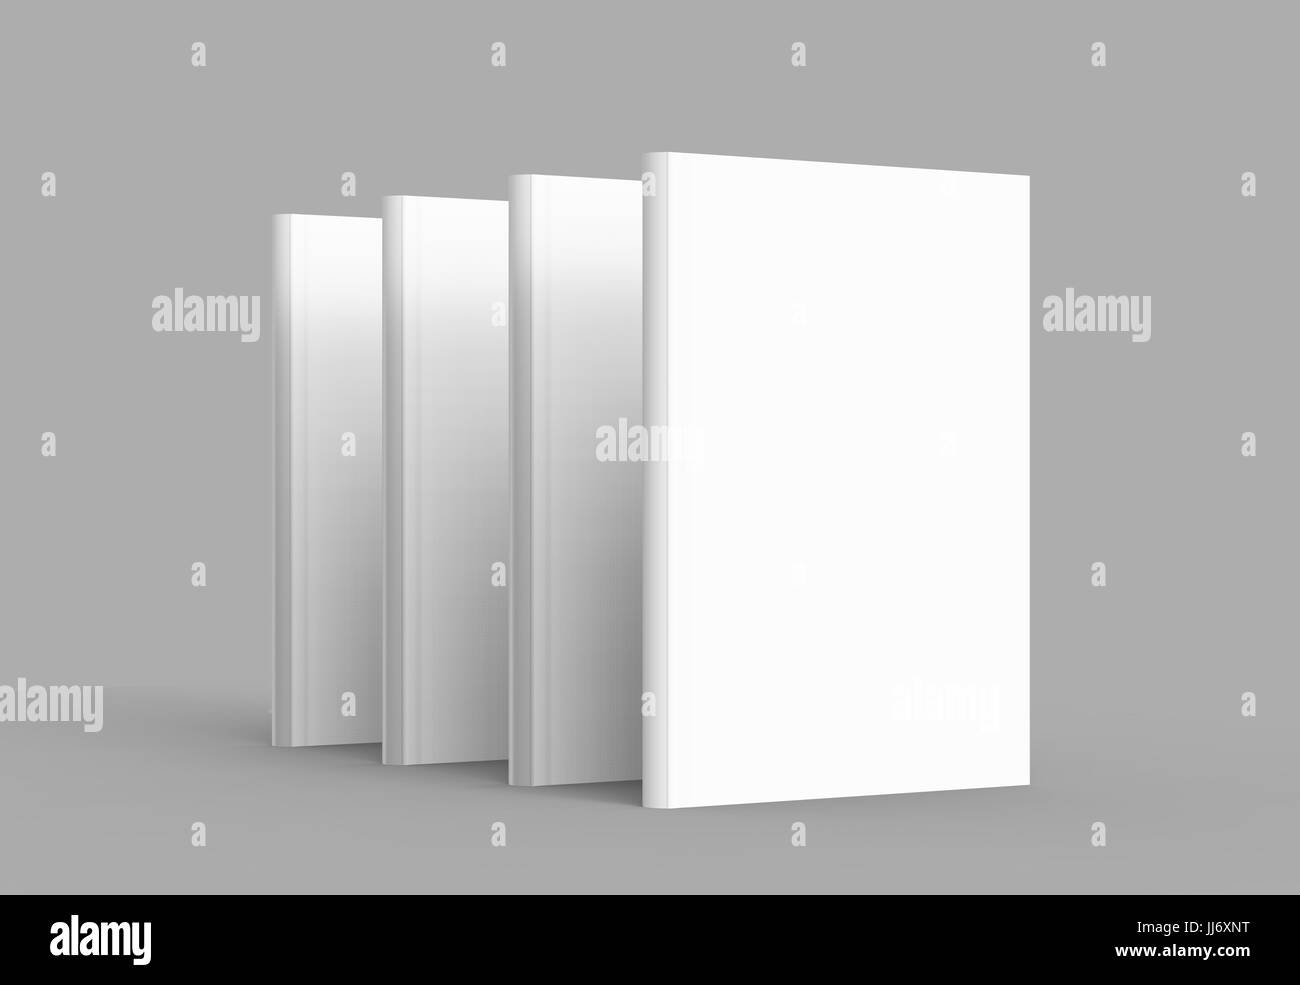 Beste Datum Buch Vorlage Ideen - Beispiel Business Lebenslauf Ideen ...